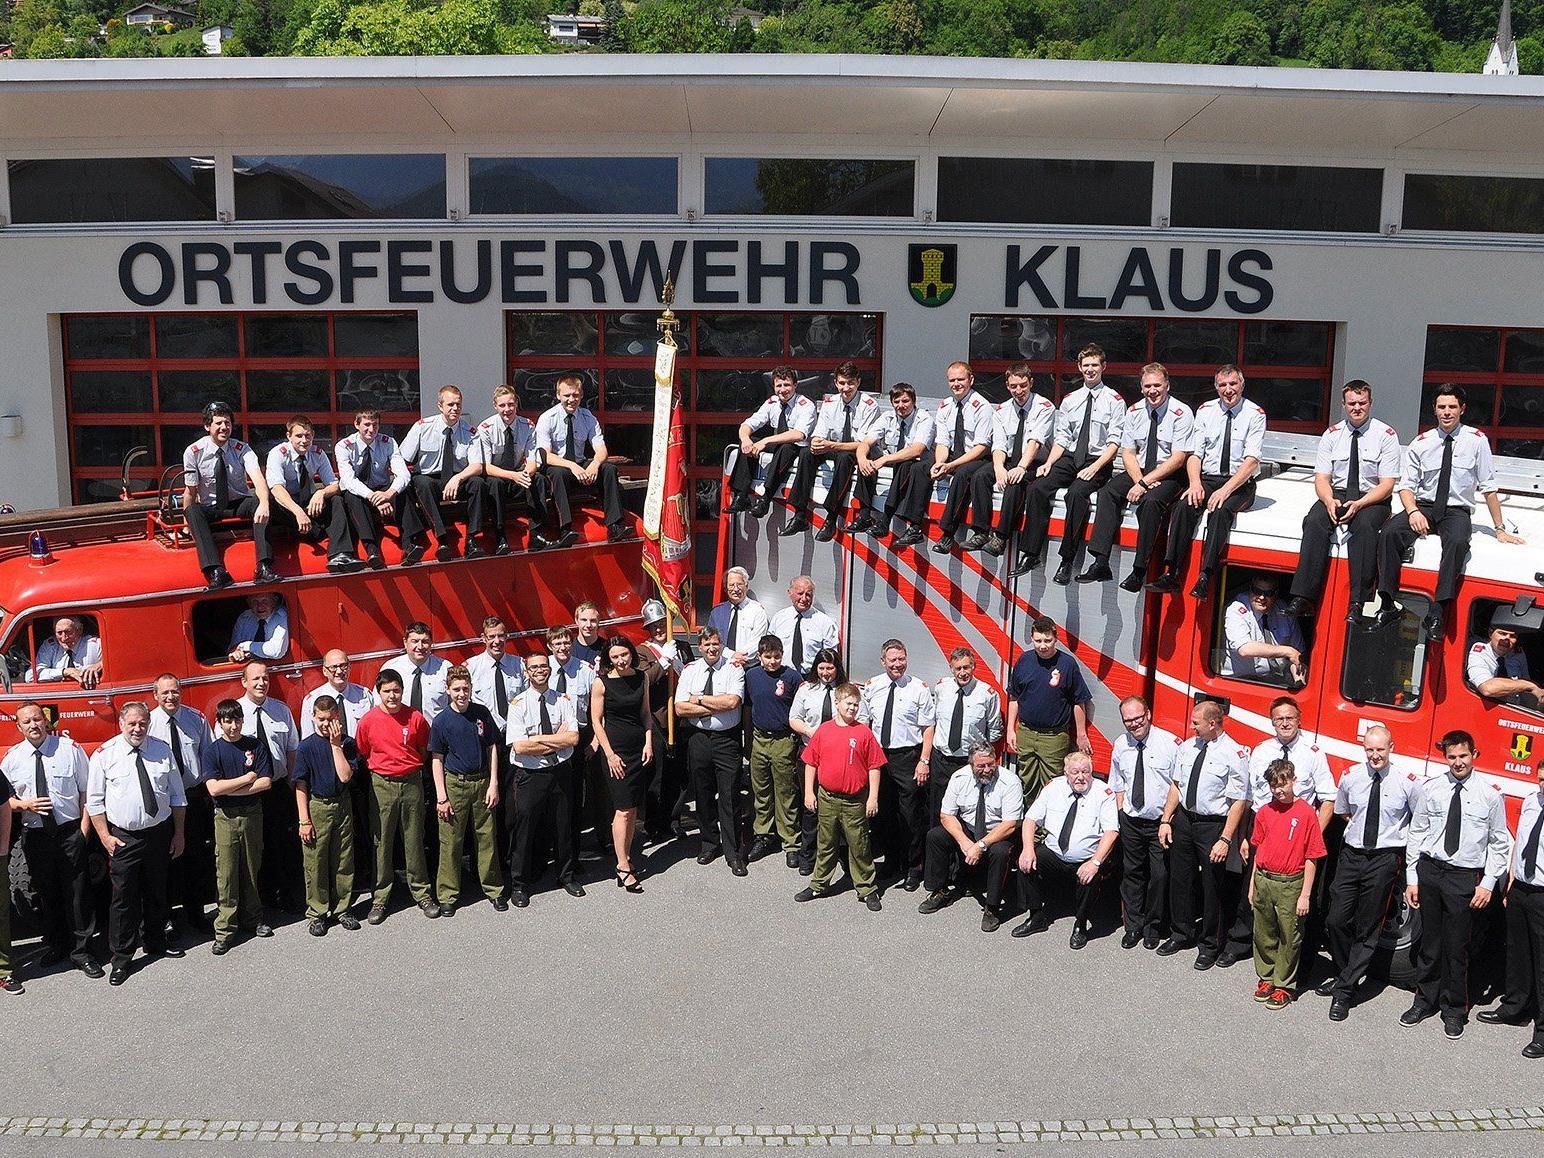 Die Ortsfeuerwehr Klaus lädt zum Jubiläumsfest am 6. September ein.